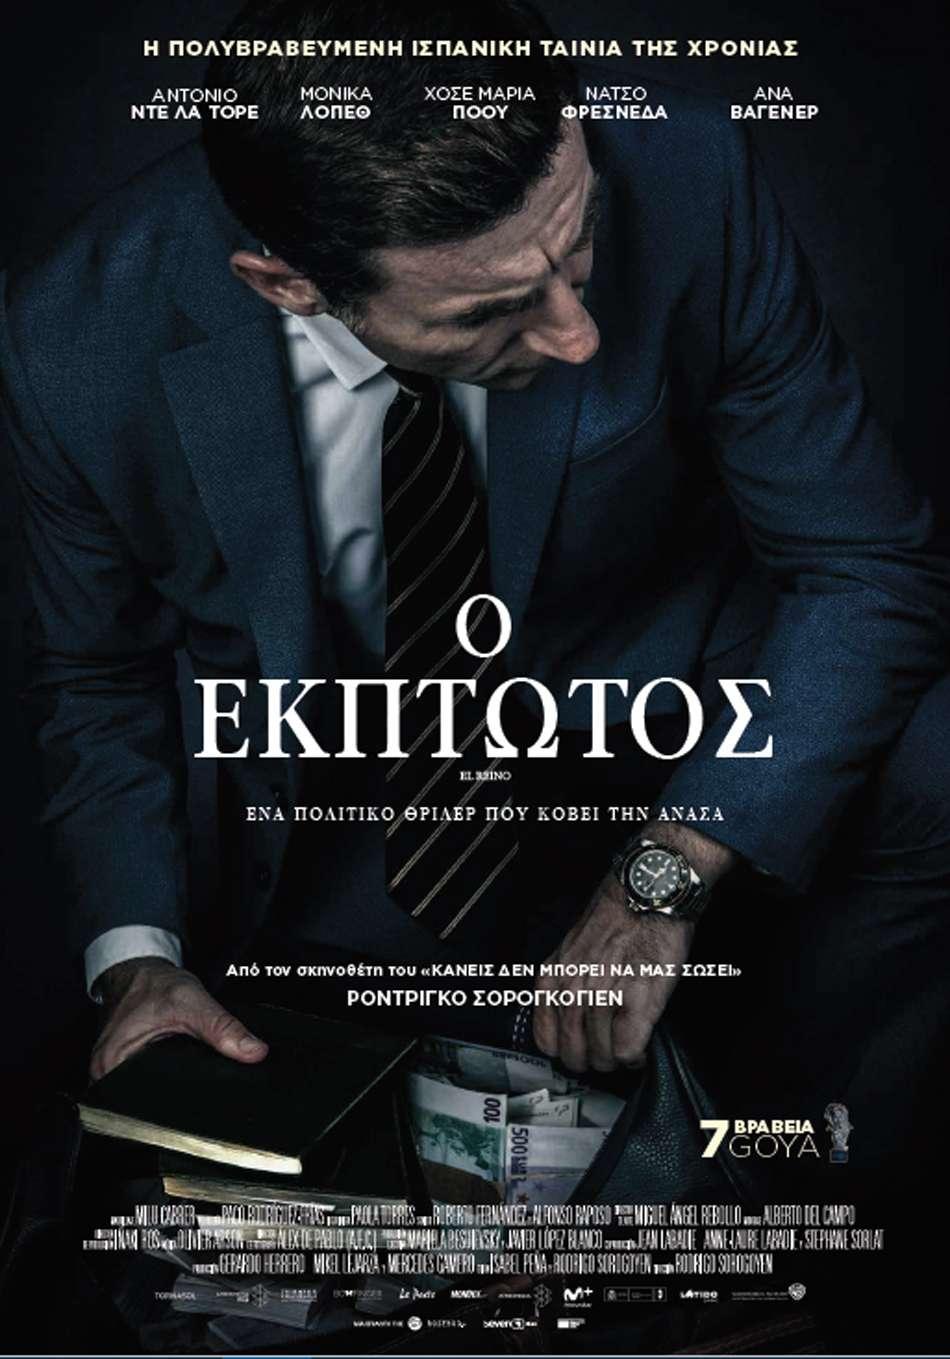 Ο Έκπτωτος (El Reino) Poster Πόστερ